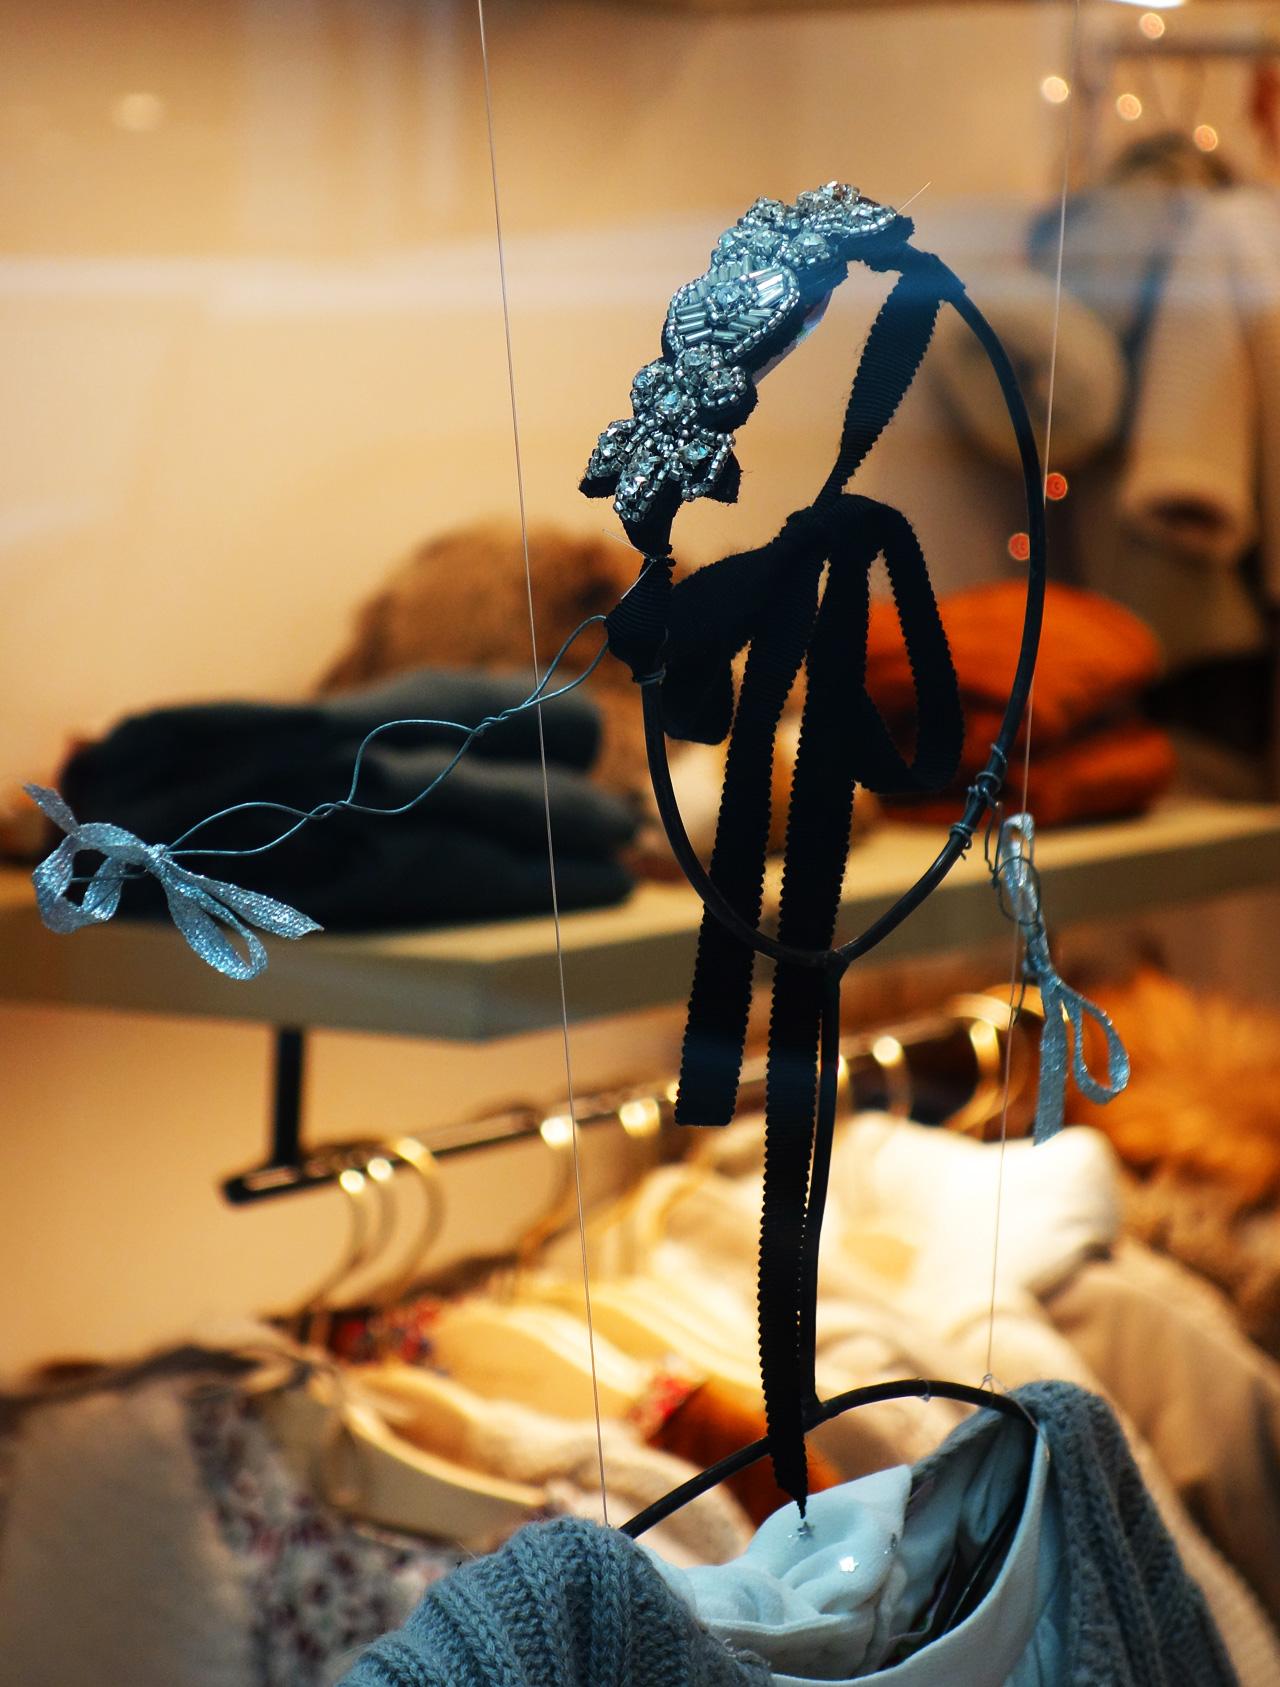 bonpoint-vitrine-noel-2013-headband